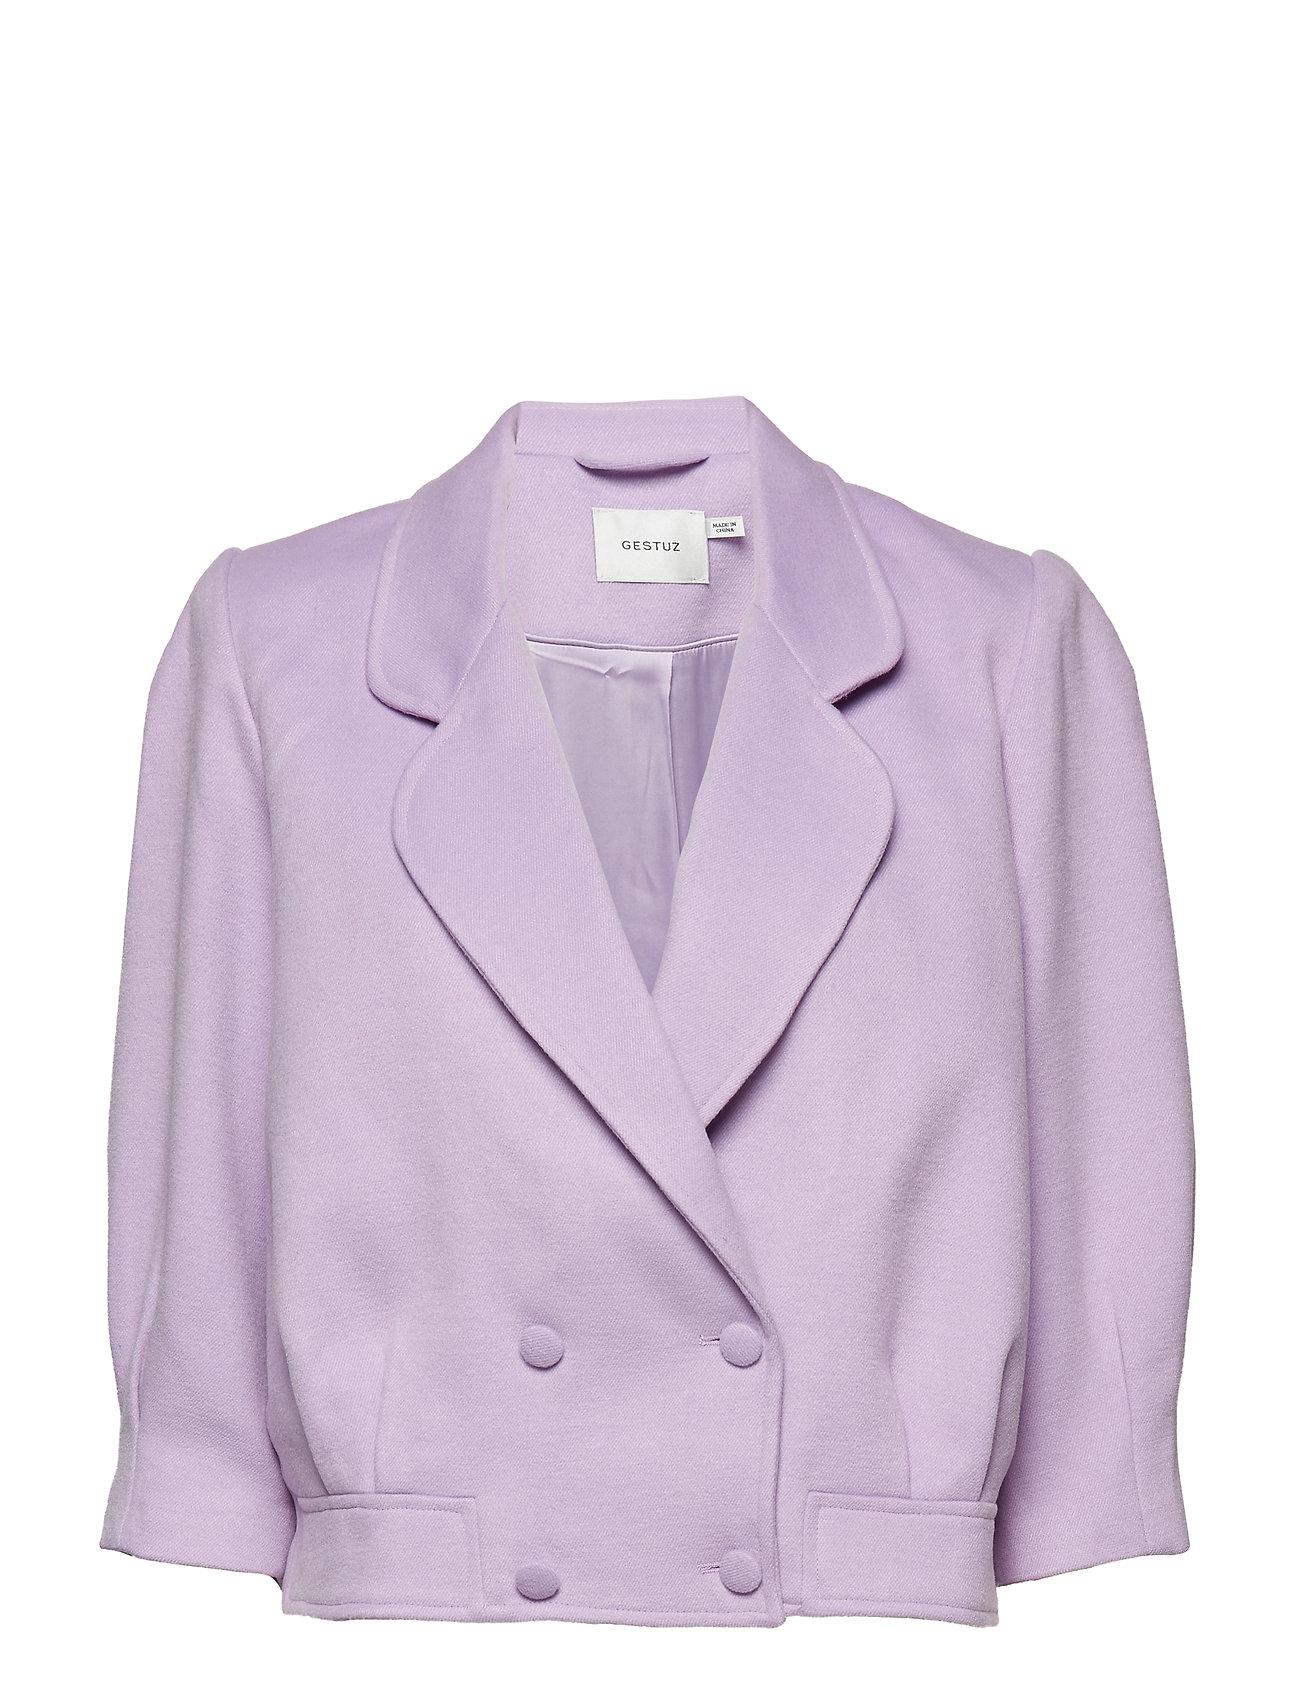 Gestuz Alucca jacket MS19 Ytterkläder